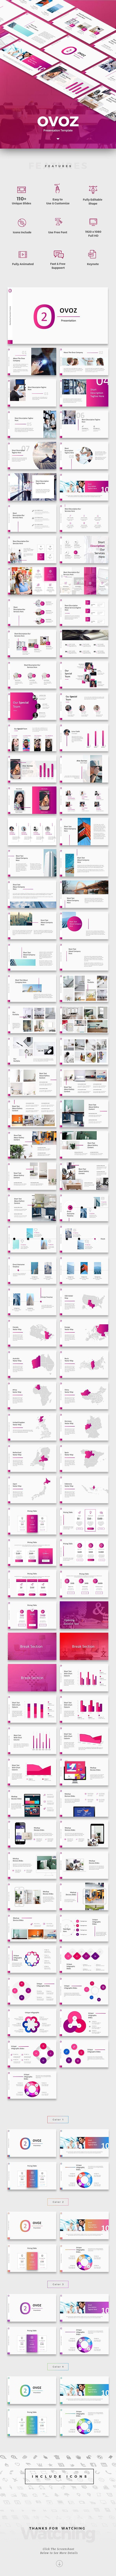 Best 25+ Cv format ideas on Pinterest | Cv template, Creative cv ...